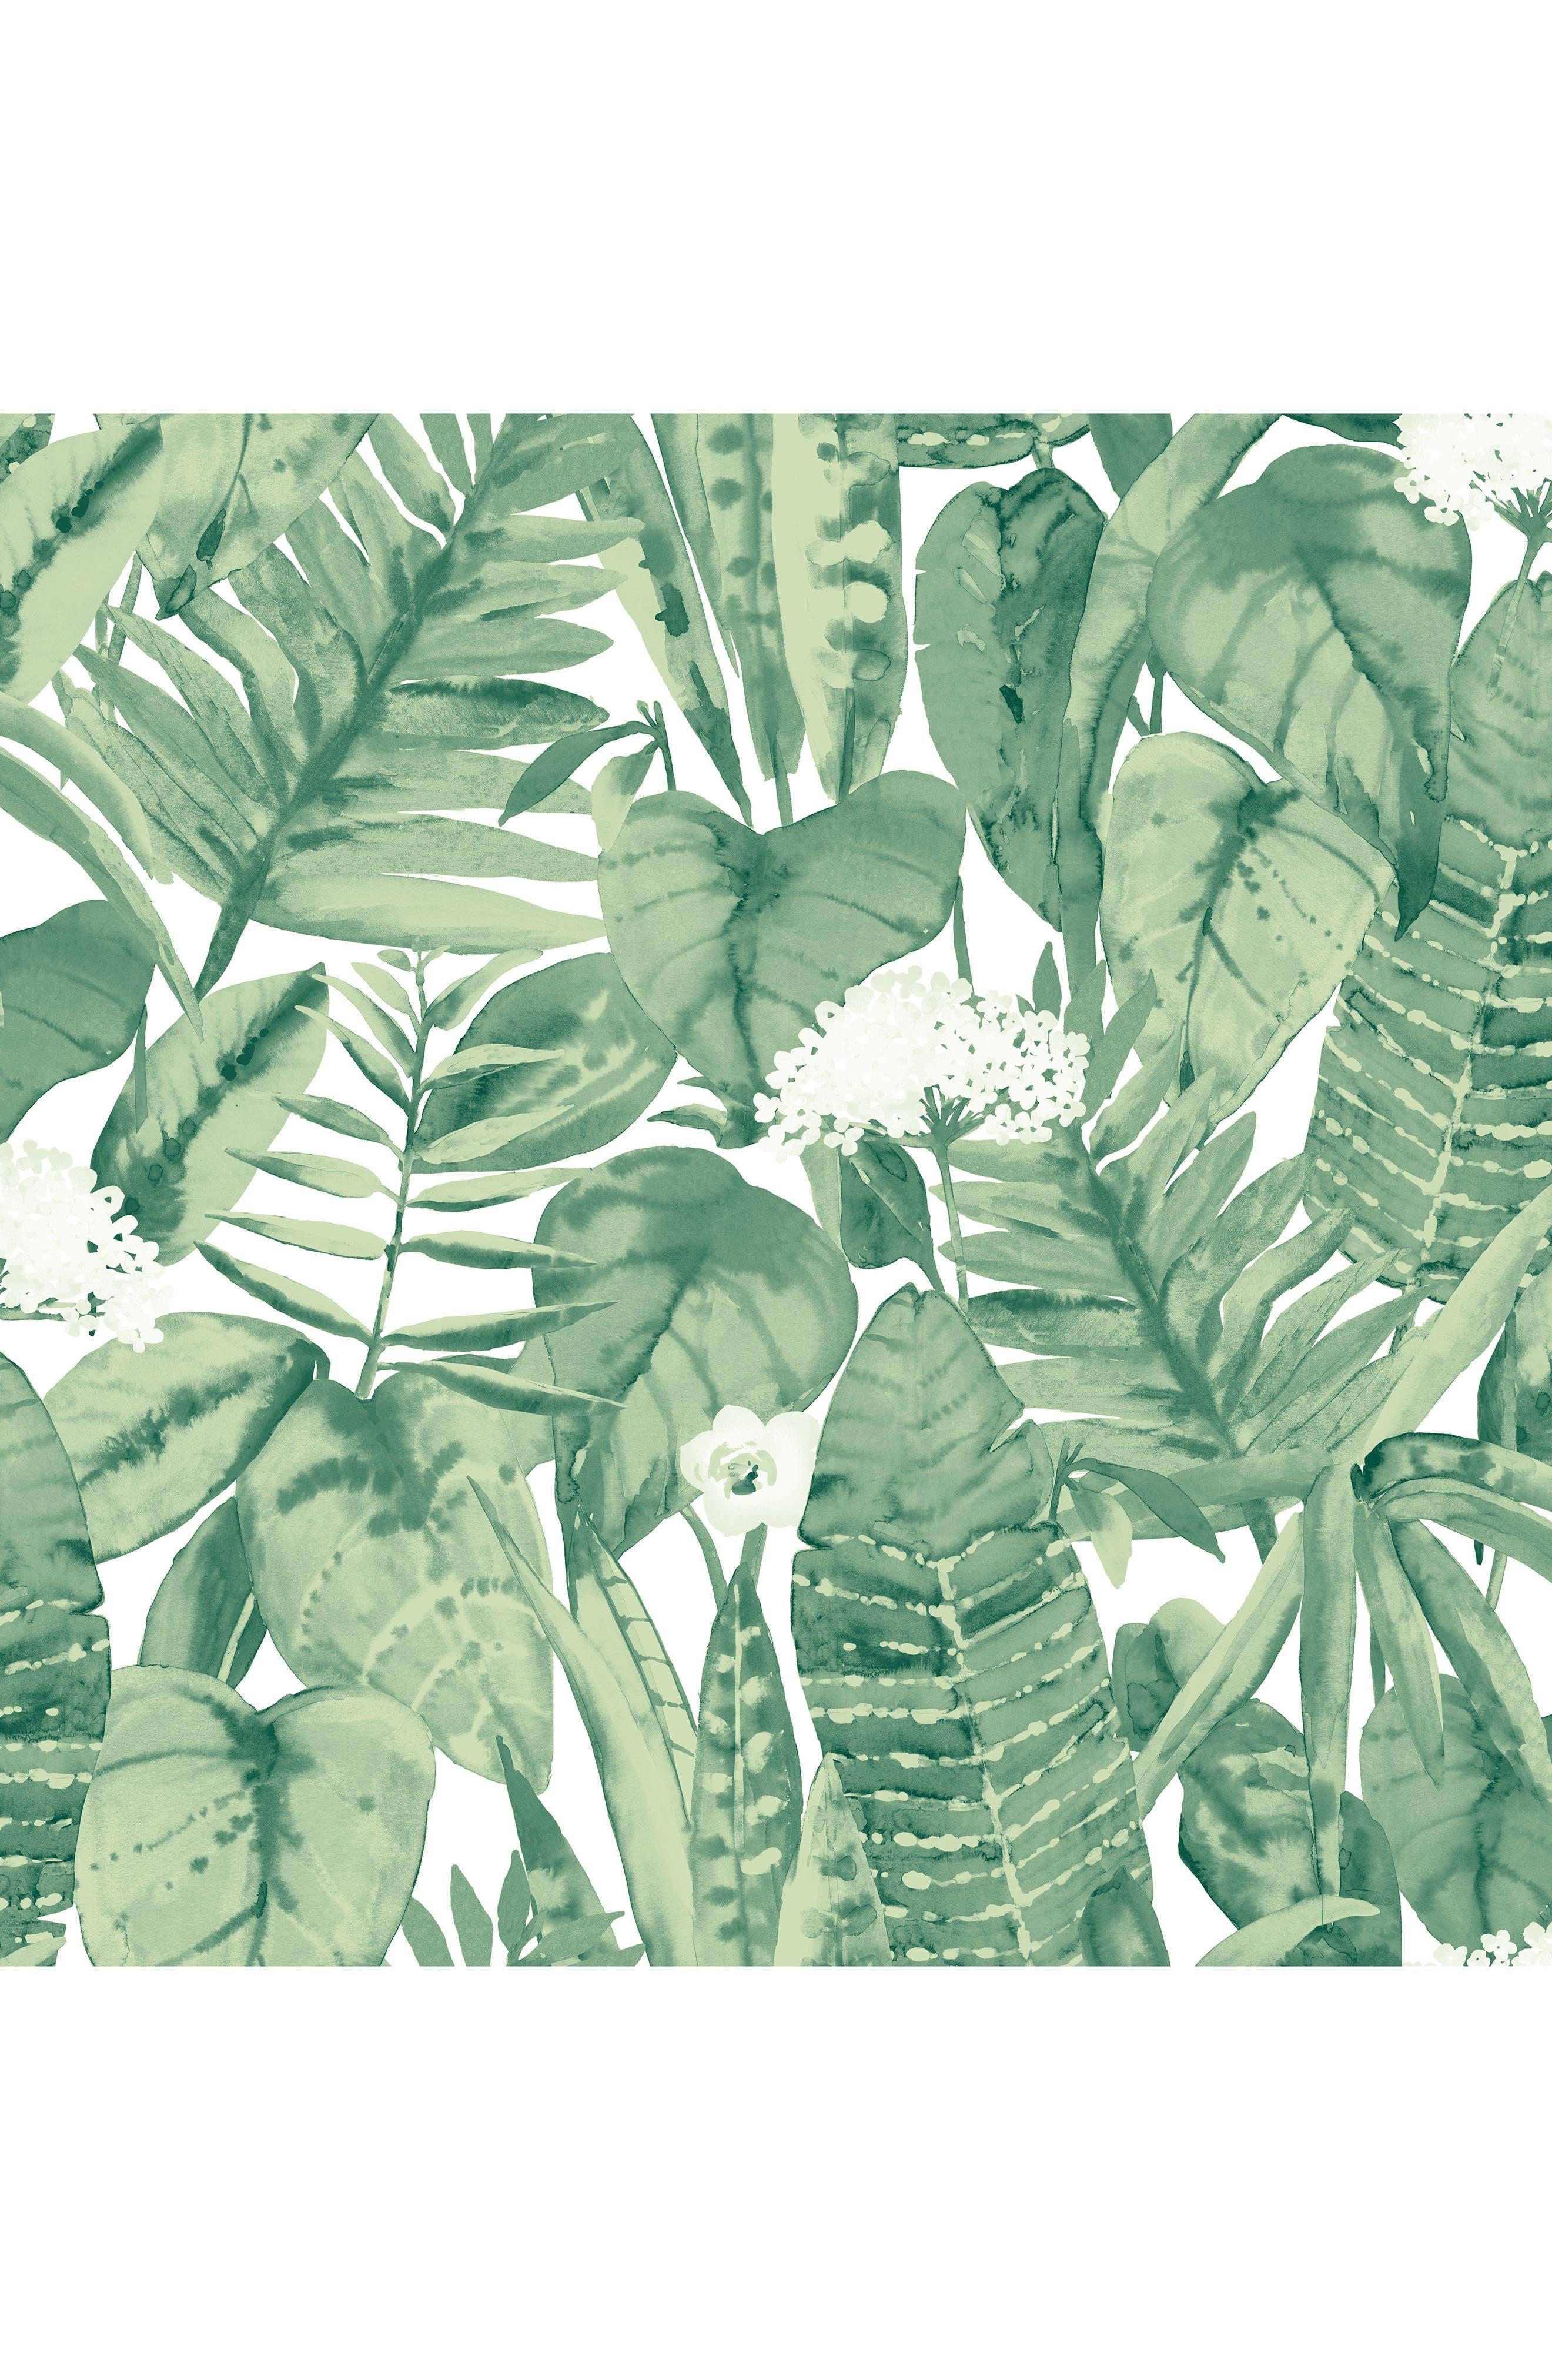 Main Image - Tempaper Tropical Self-Adhesive Vinyl Wallpaper